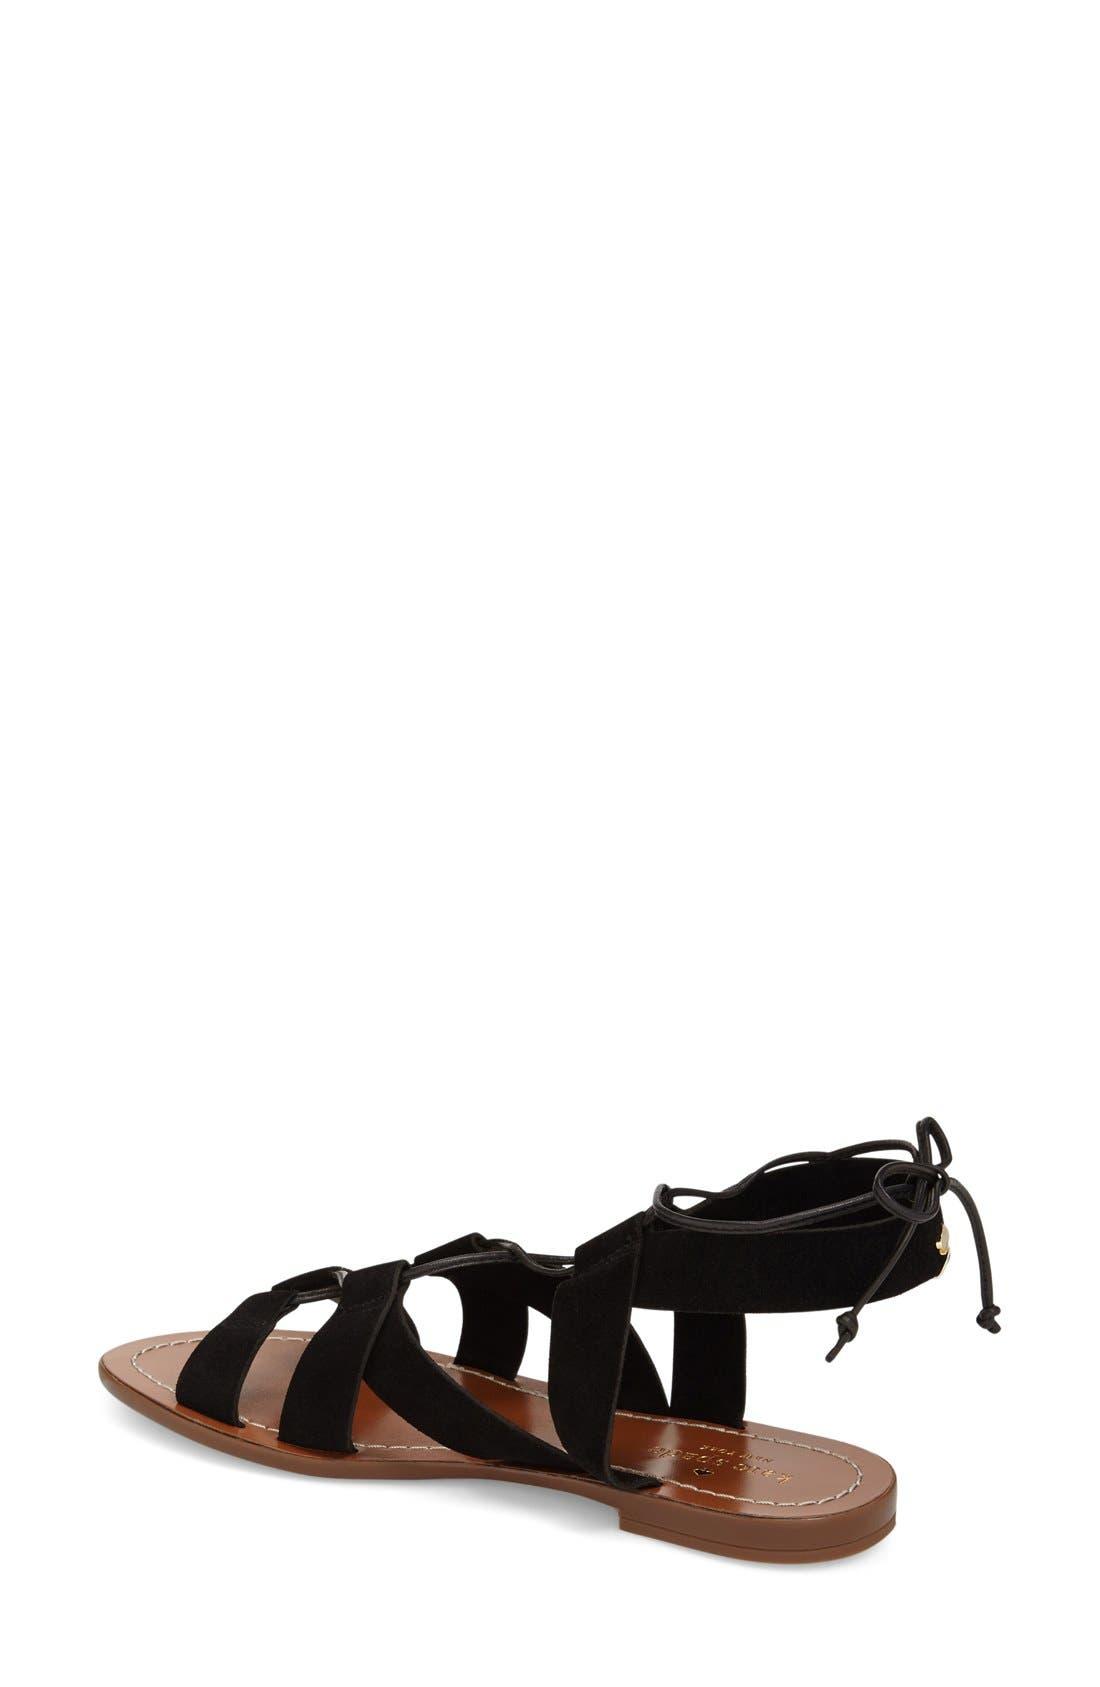 Alternate Image 2  - kate spade new york 'suno' sandal (Women)